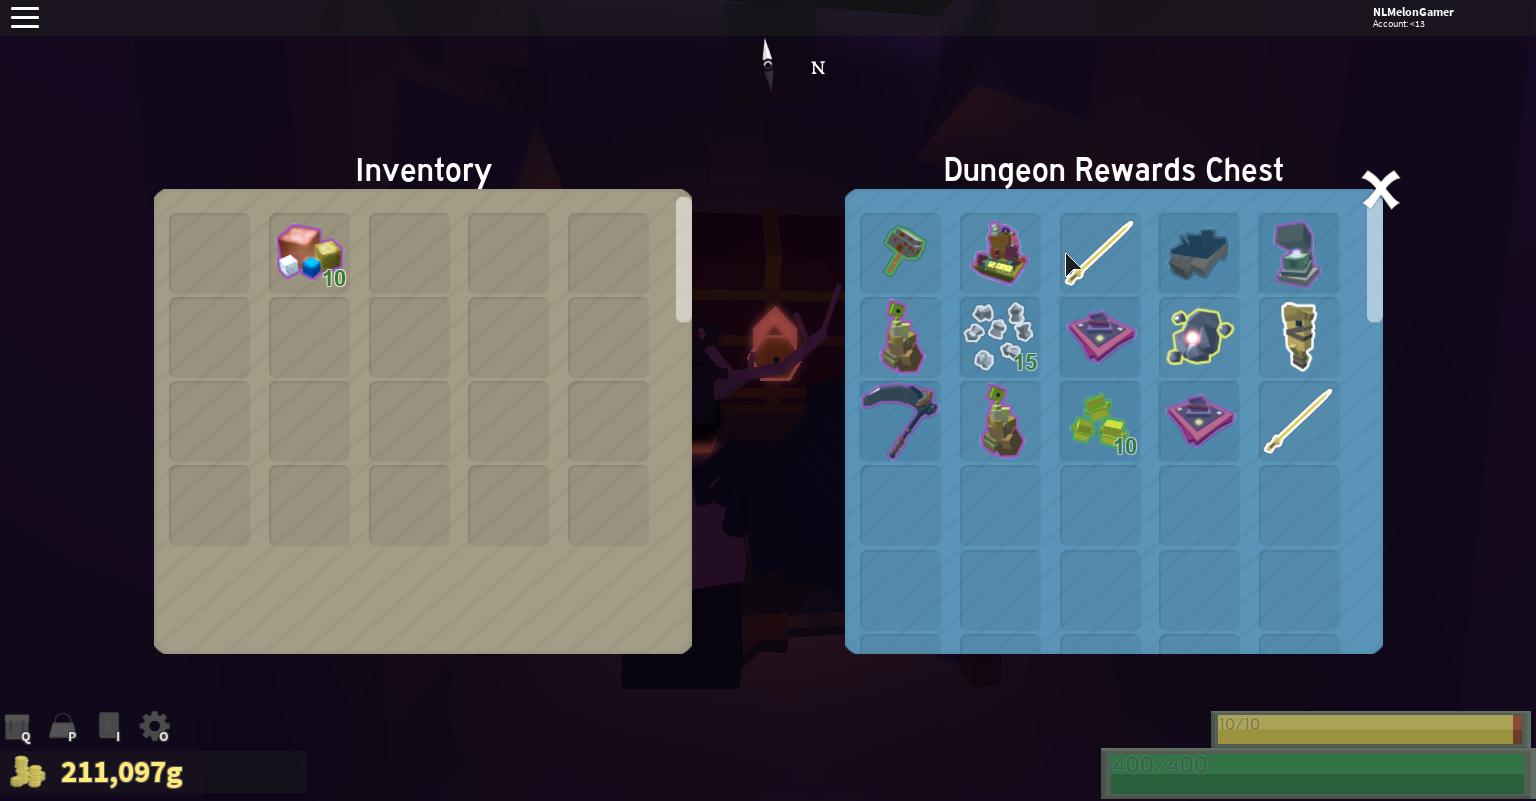 An add to the dungeon chest rewards list